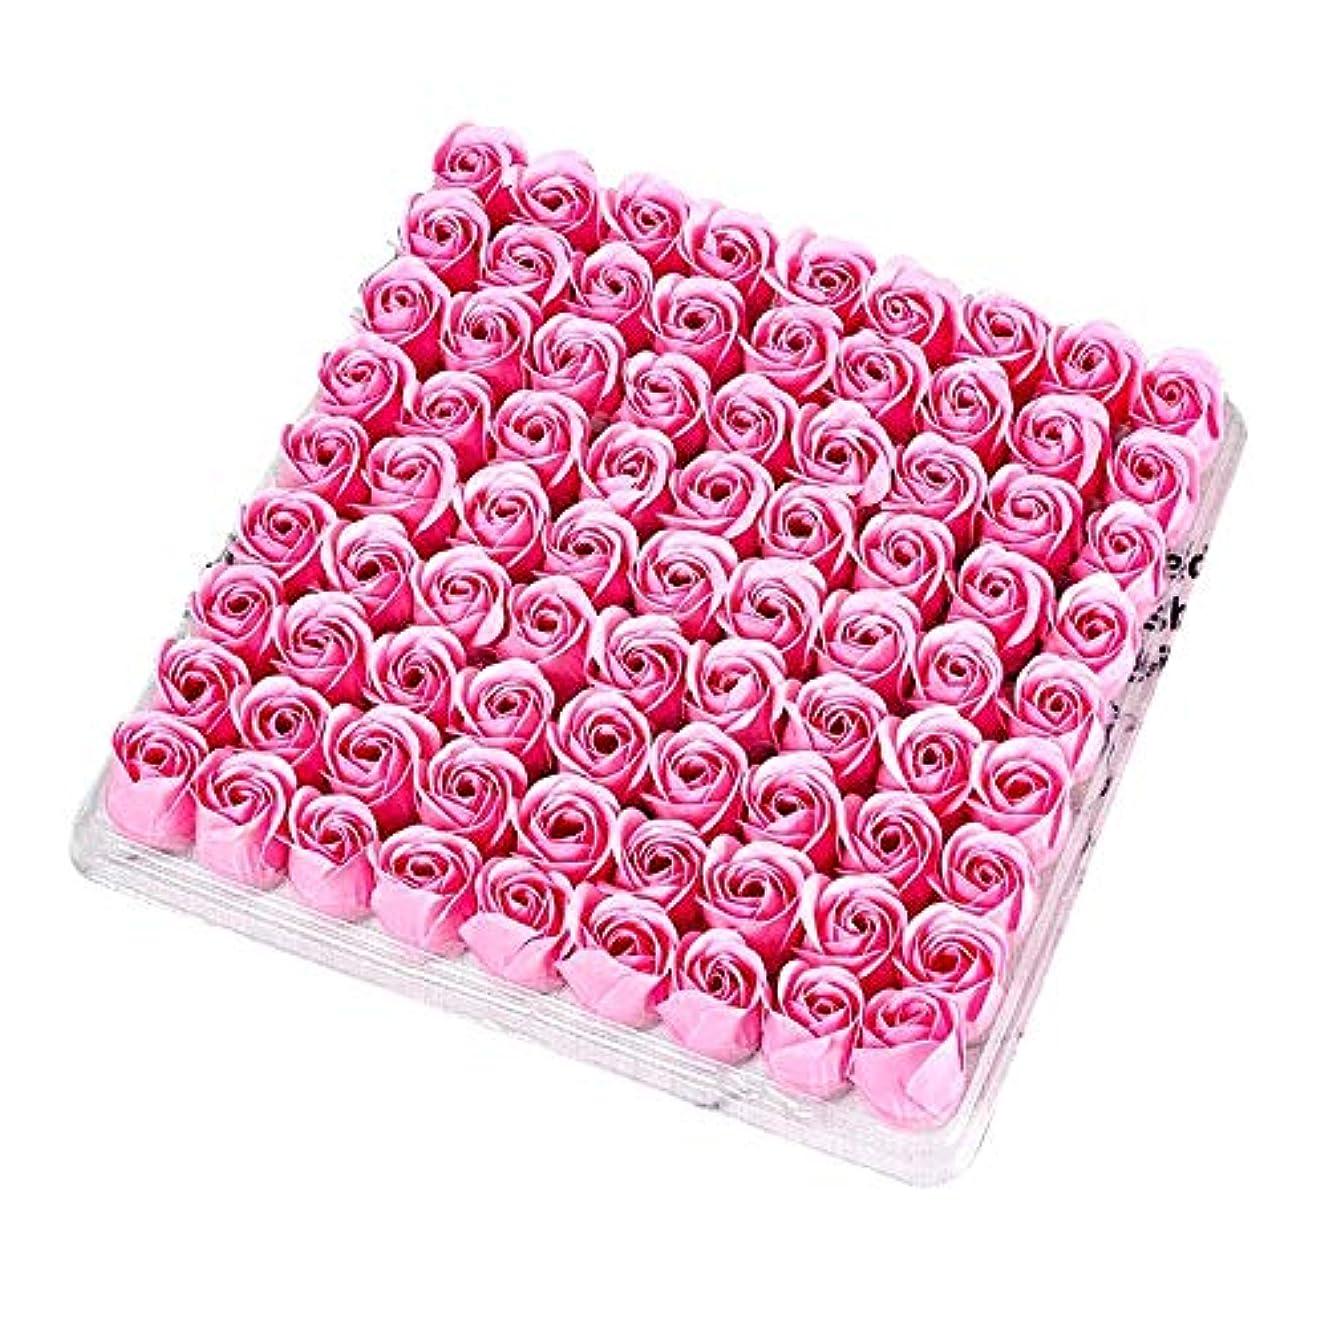 酸っぱい気楽な後継Vaorwne 81個の薔薇、バス ボディ フラワー?フローラルの石けん 香りのよいローズフラワー エッセンシャルオイル フローラルのお客様への石鹸 ウェディング、パーティー、バレンタインデーの贈り物、ピンク